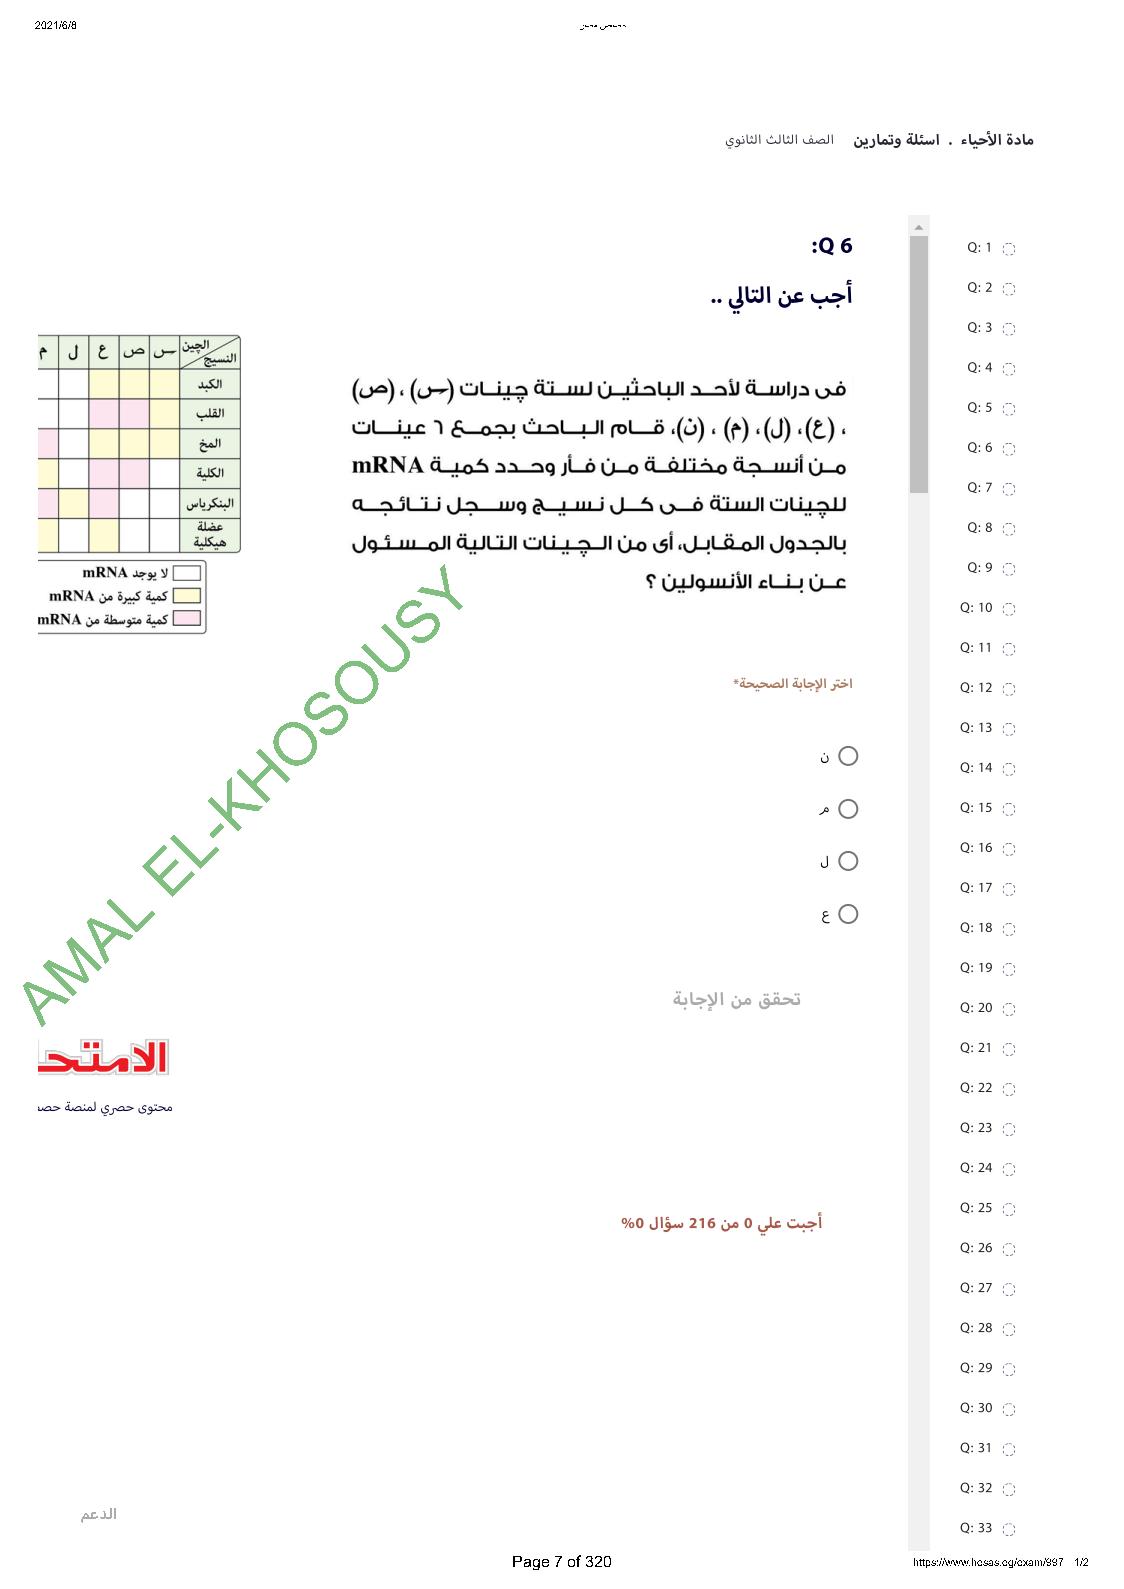 النماذج الإسترشادية أحياء كاملة & بنك الأسئلة من حصص مصر للثانوية العامة 2021